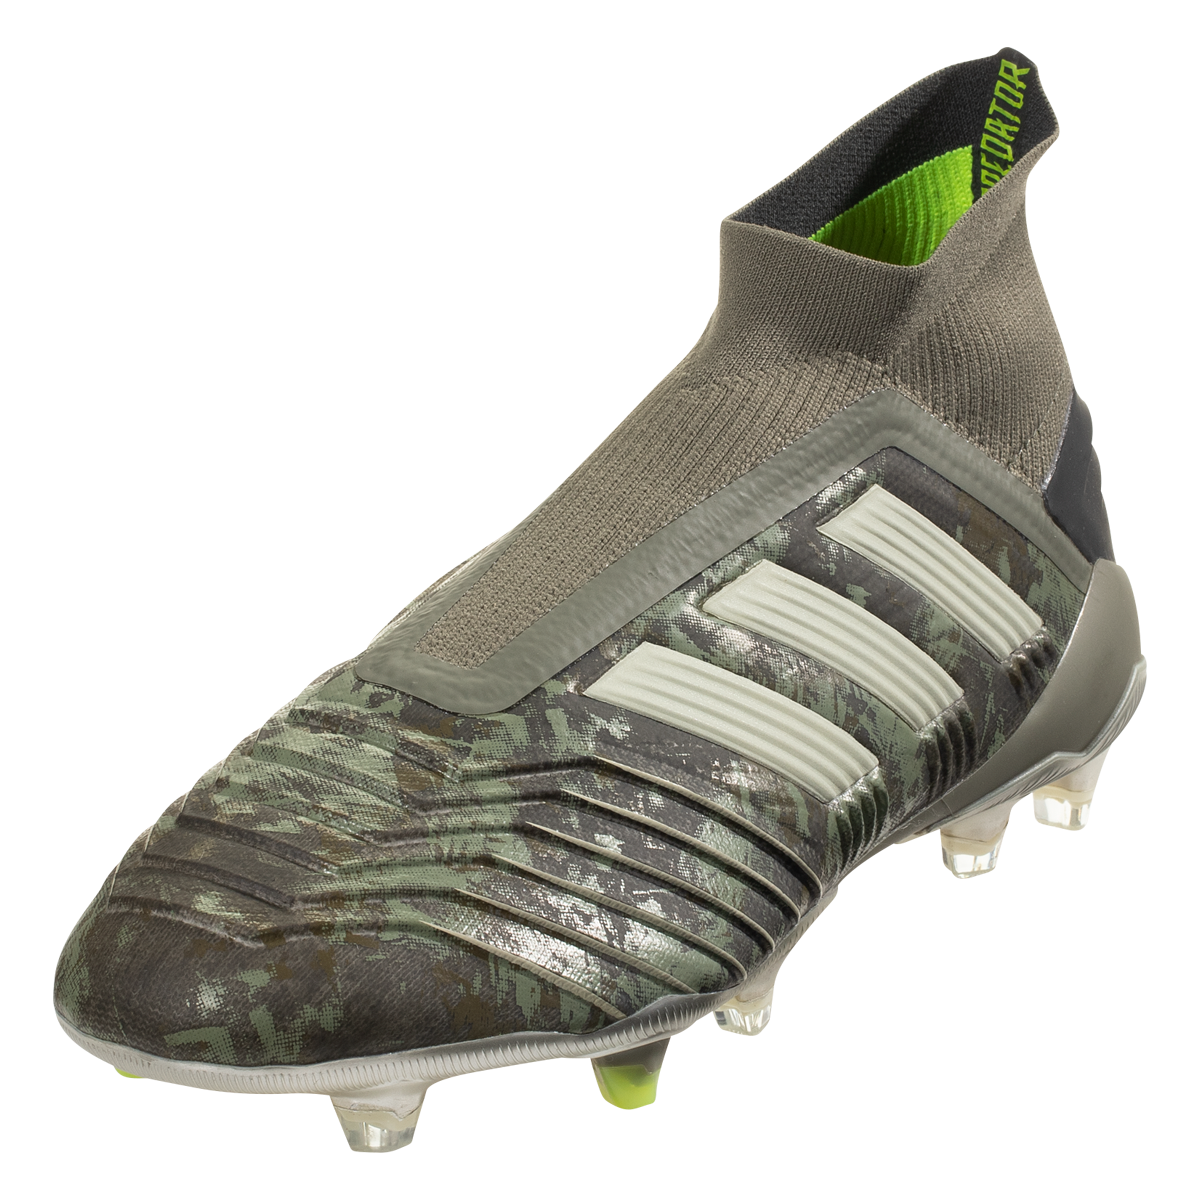 adidas Predator 19+ FG Soccer Cleat Legacy Green/Sand/Solar ...